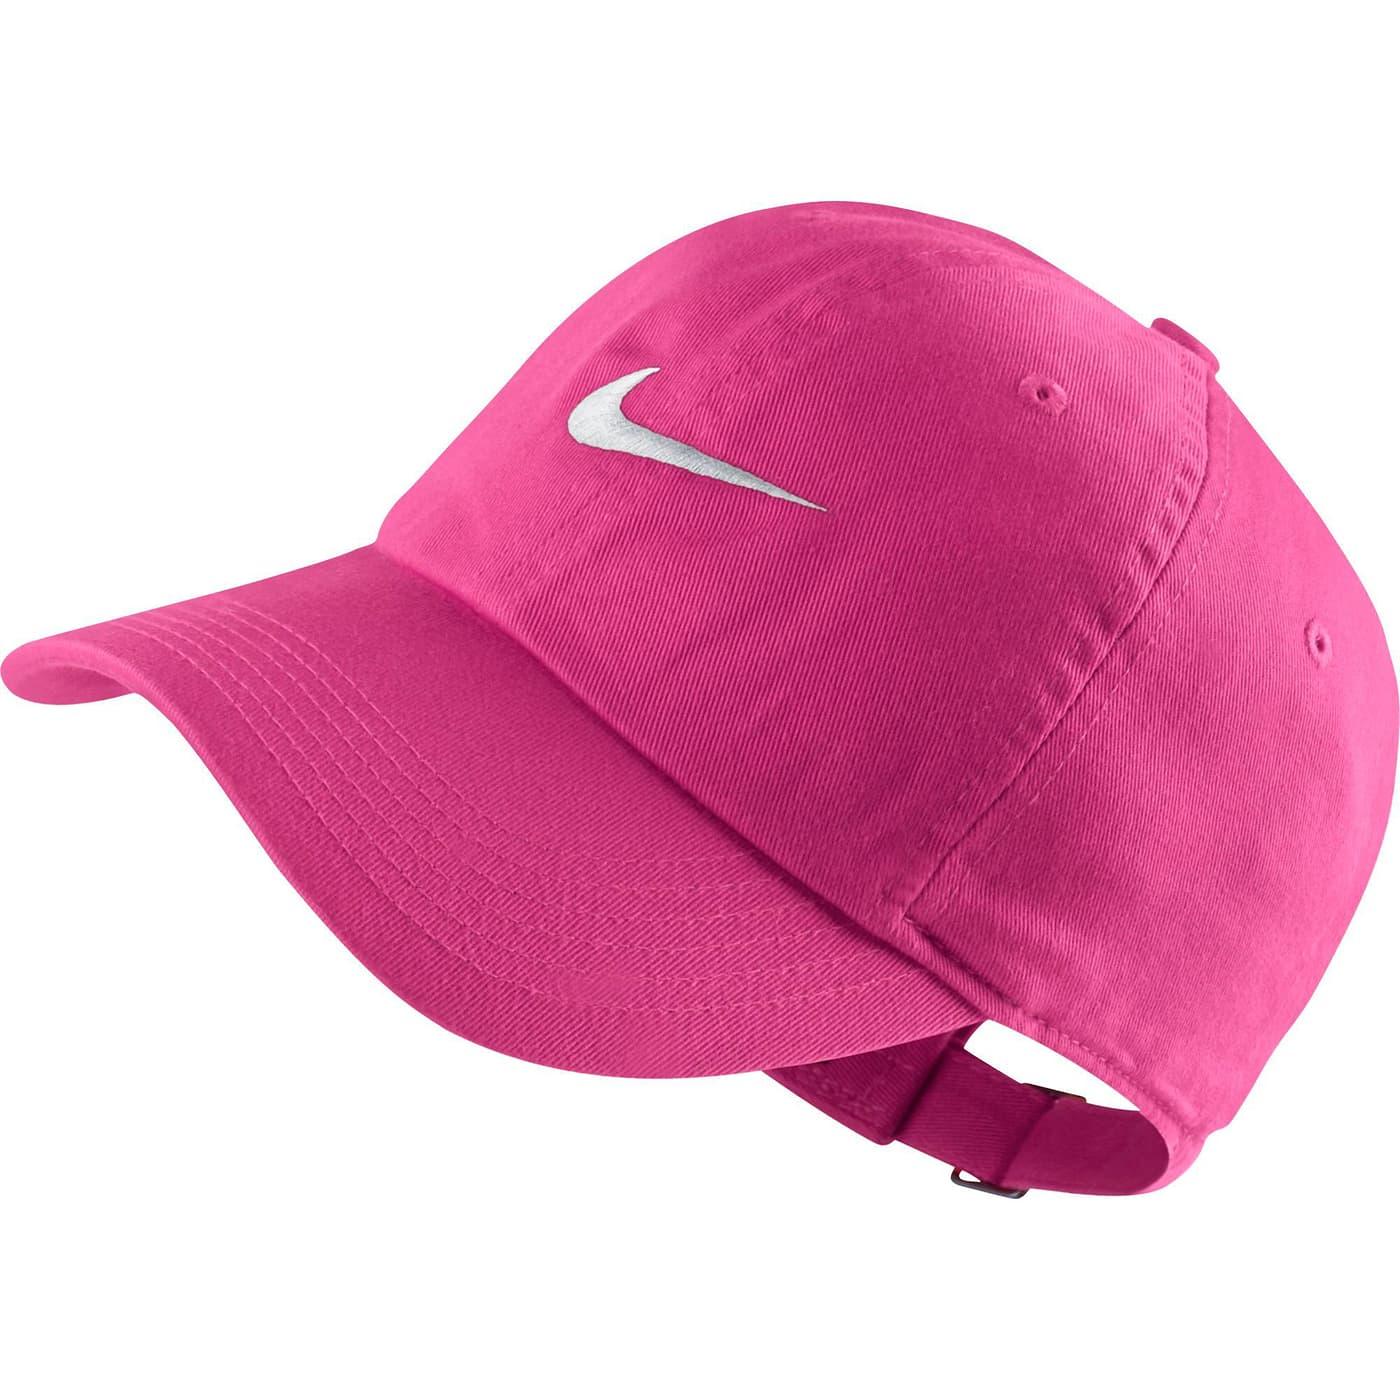 Heritage Swoosh Enfant Adjustable Nike Migros Pour Hat Casquette 1zF5qwH